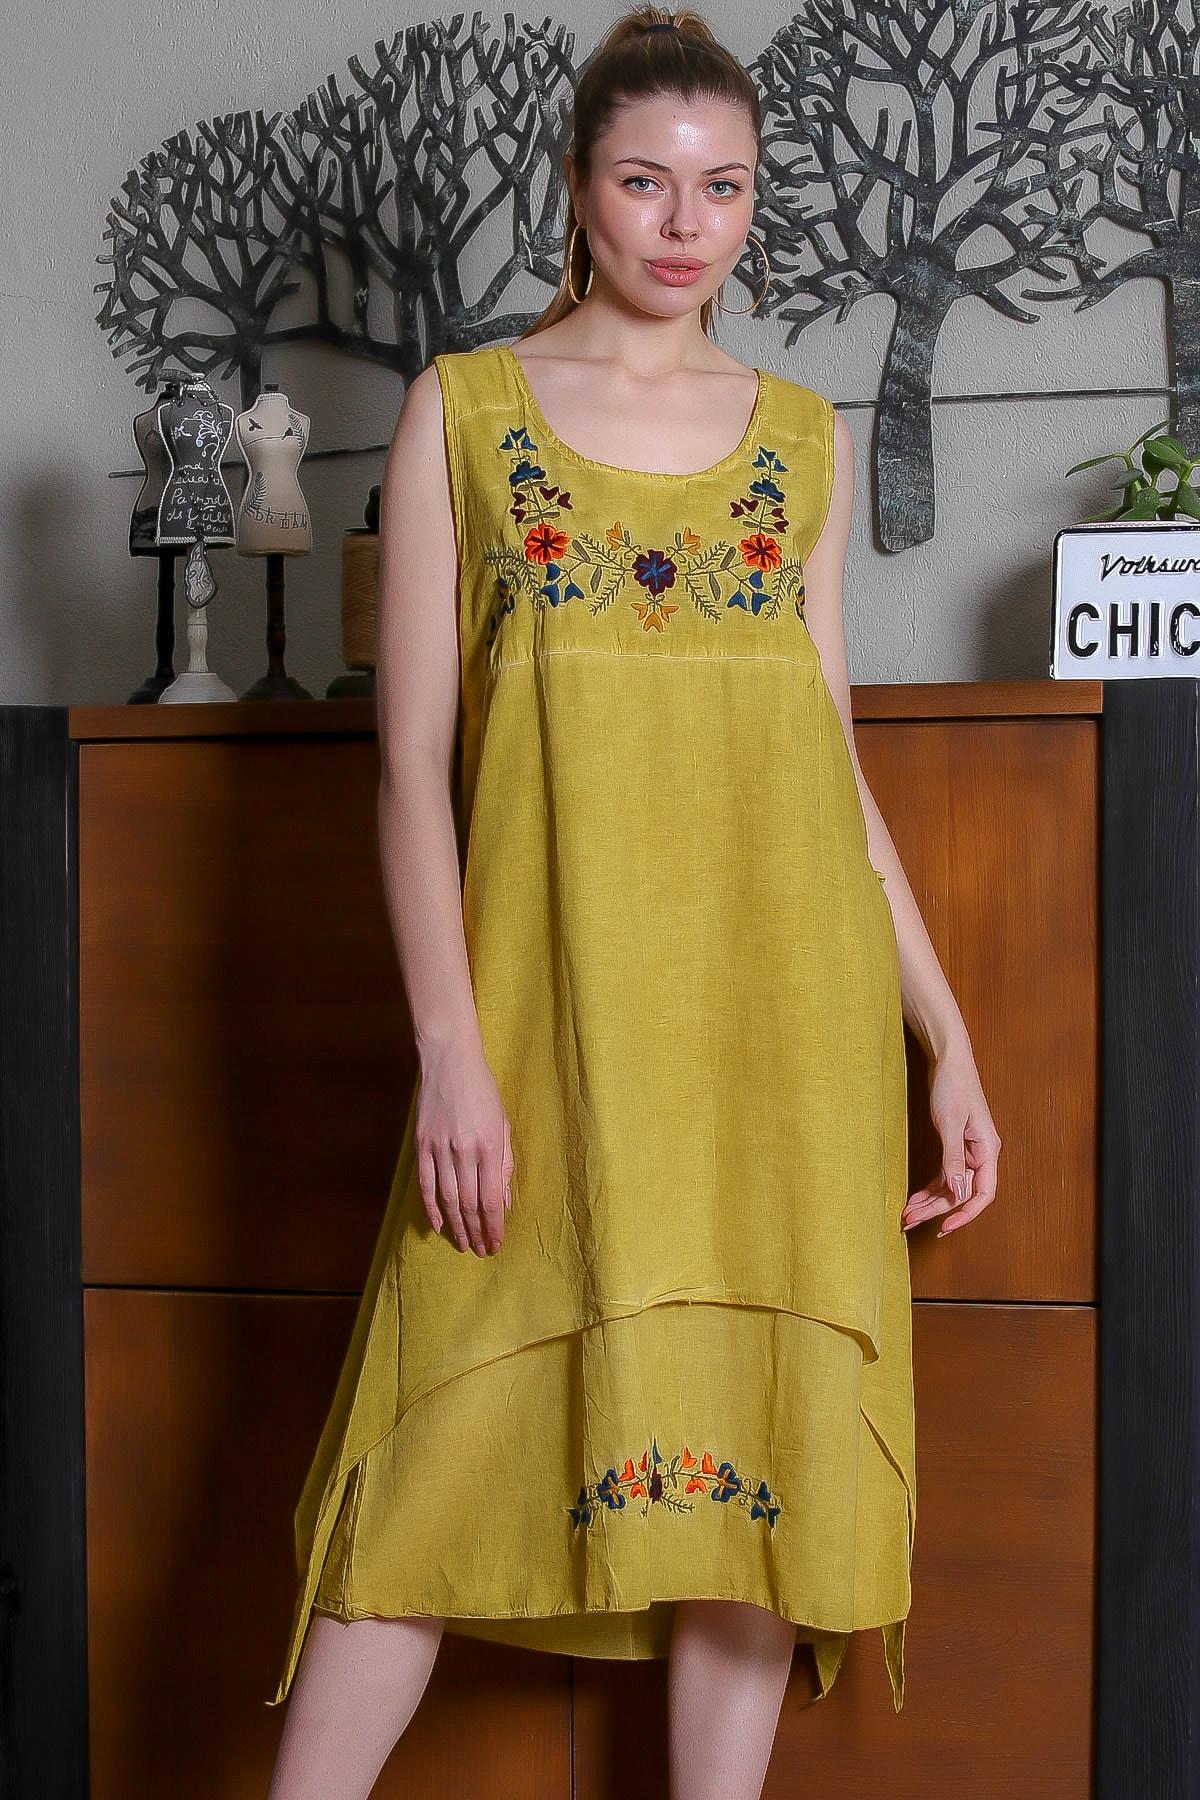 Chiccy Kadın Hardal Yıldız Çiçeği Nakışlı Kolsuz Yanları Asimetrik Astarlı Yıkamalı Elbise M10160000EL95307